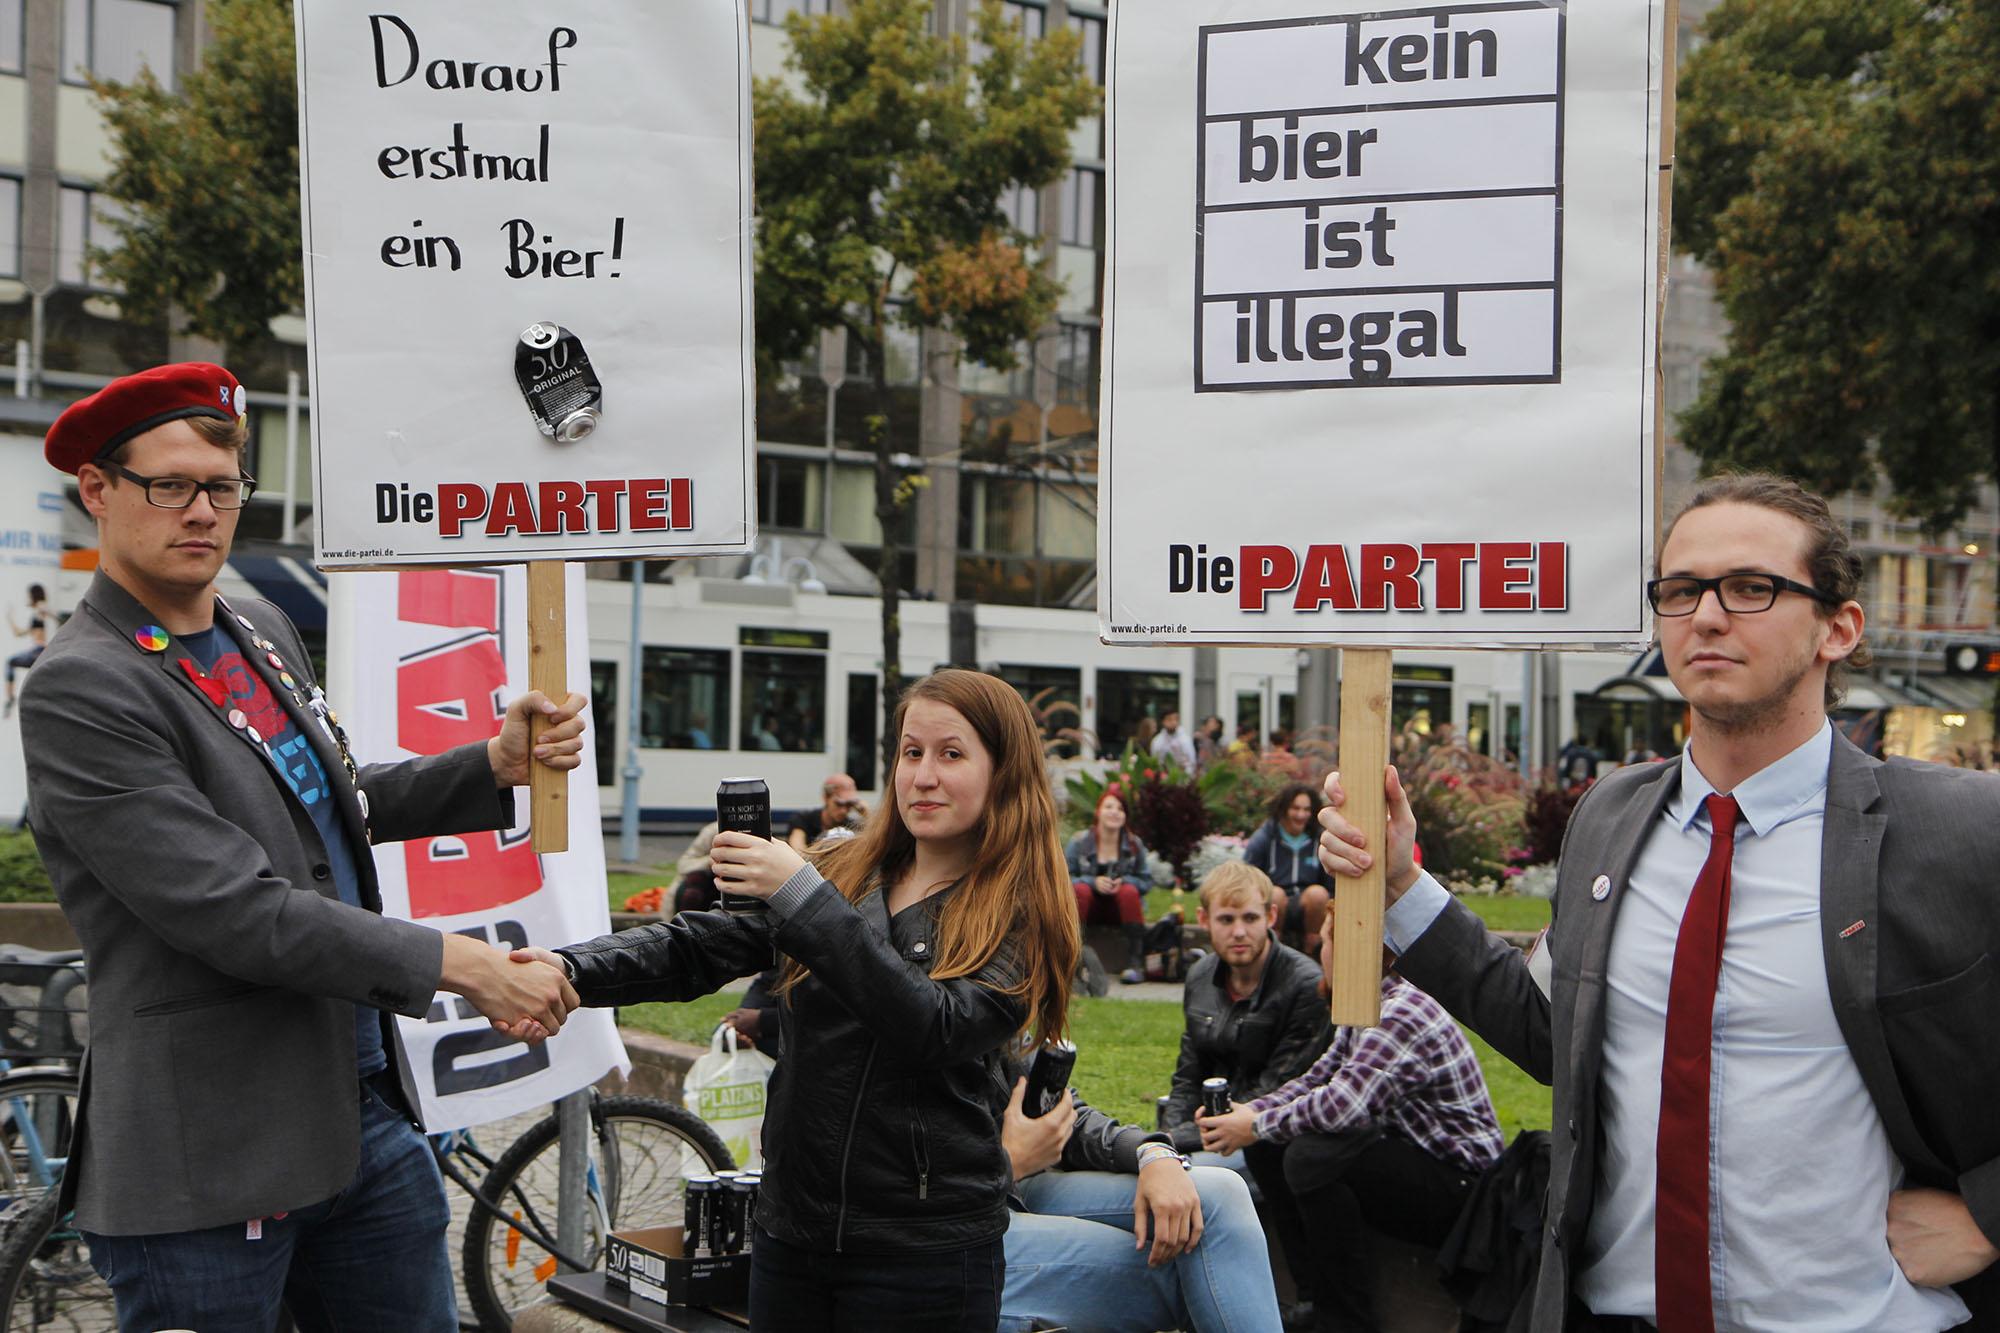 Verbotsforderungen rund um den Paradeplatz: Kein Alkohol ist auch keine Lösung